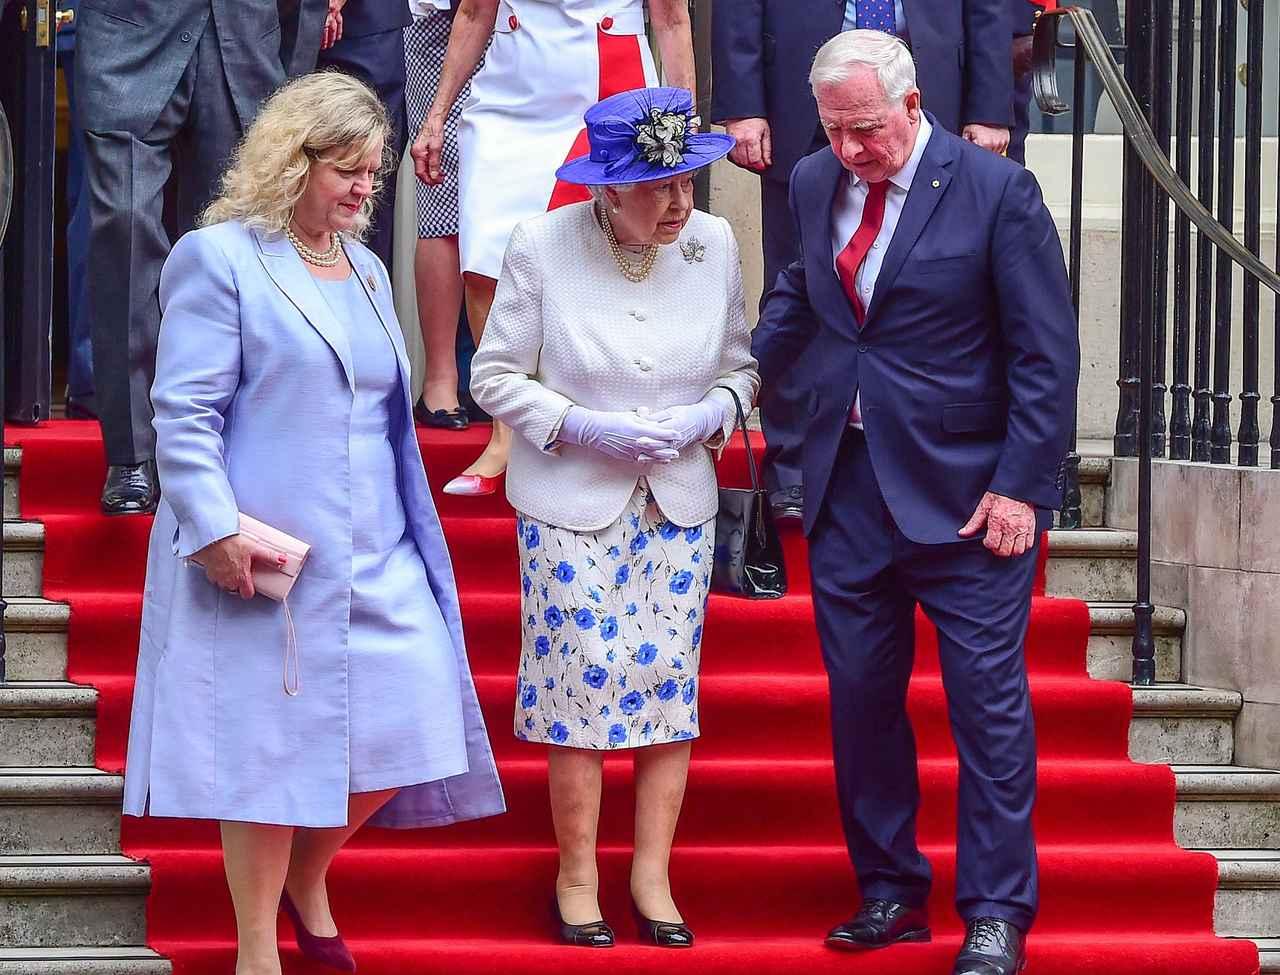 画像: 今年夏にエリザベス女王がカナダを訪問した際には、滑りやすい階段で女王を支えるために腕に触れたカナダ総督が、「王室の慣例に違反した」と話題になったことも。